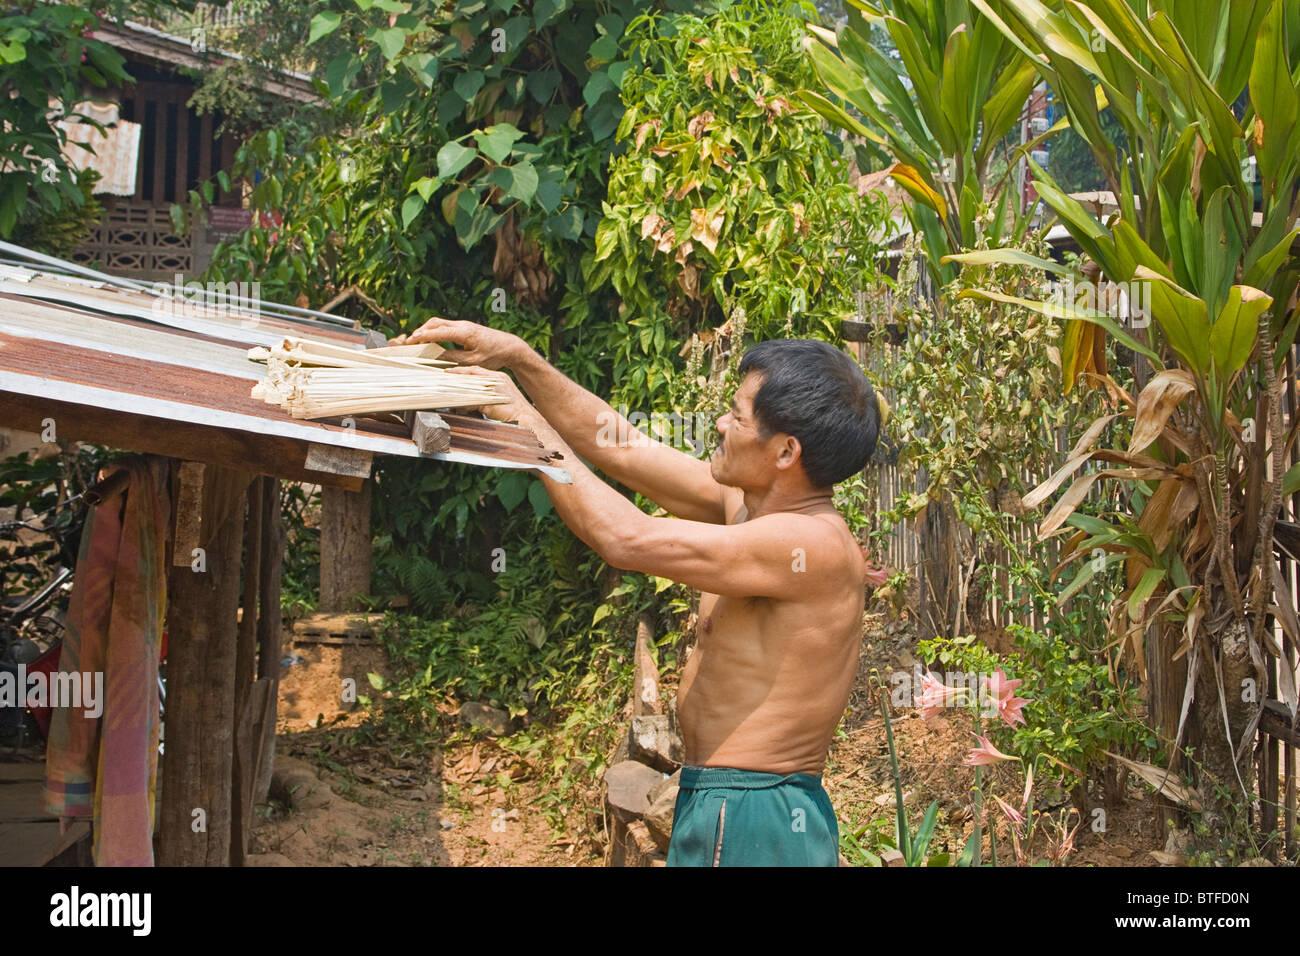 Local Thai man mano con bastone intagliato egli utilizza durante la raccolta del miele. Immagini Stock